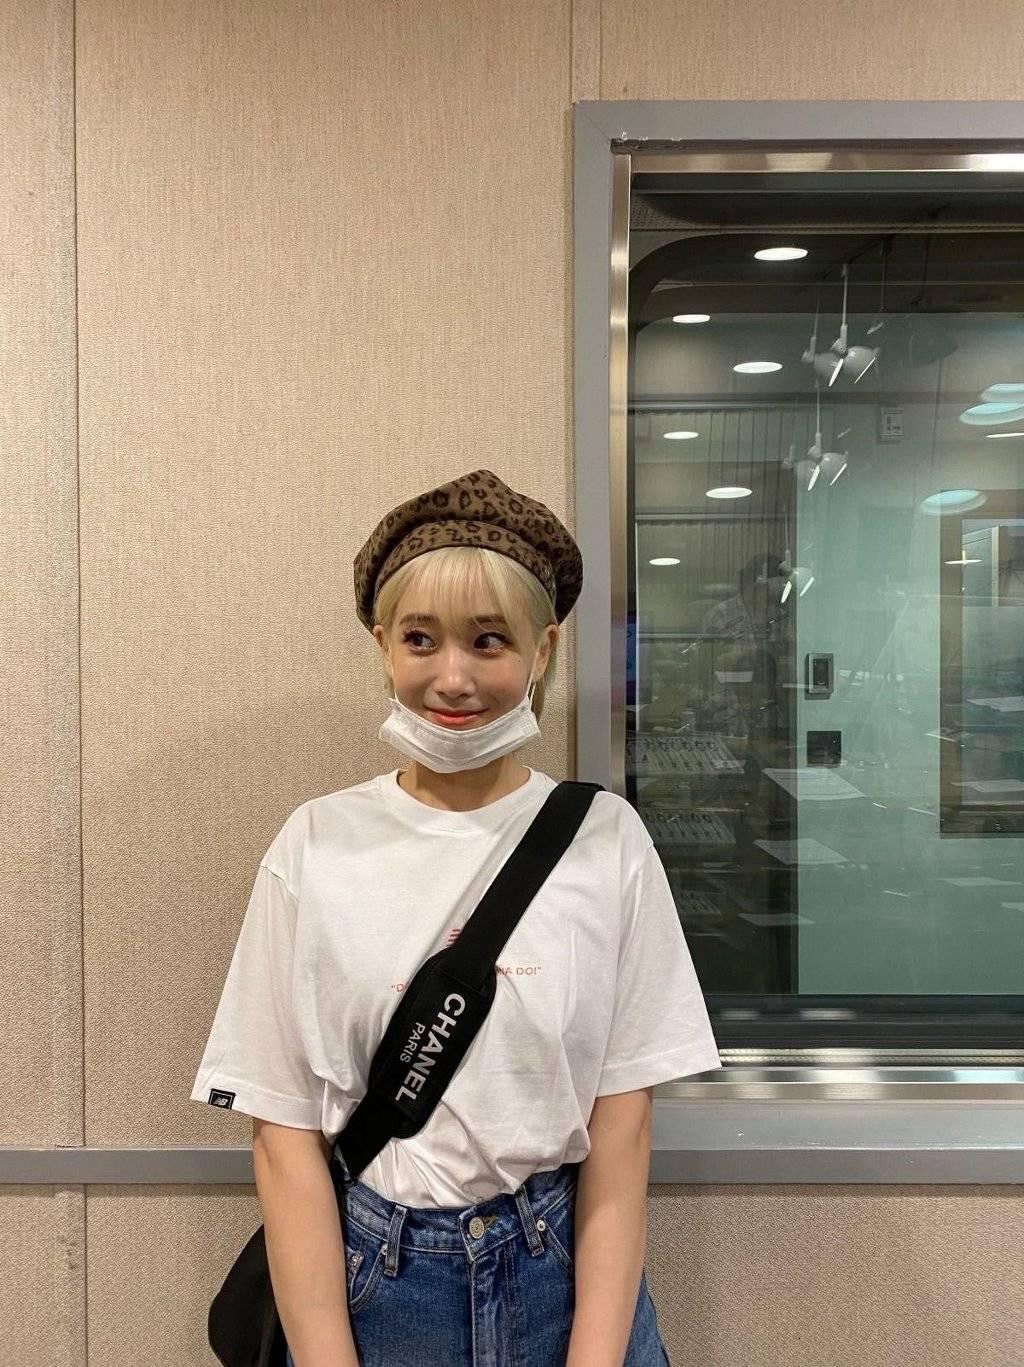 5년전 수박 다이어트하던 아이돌 근황   인스티즈